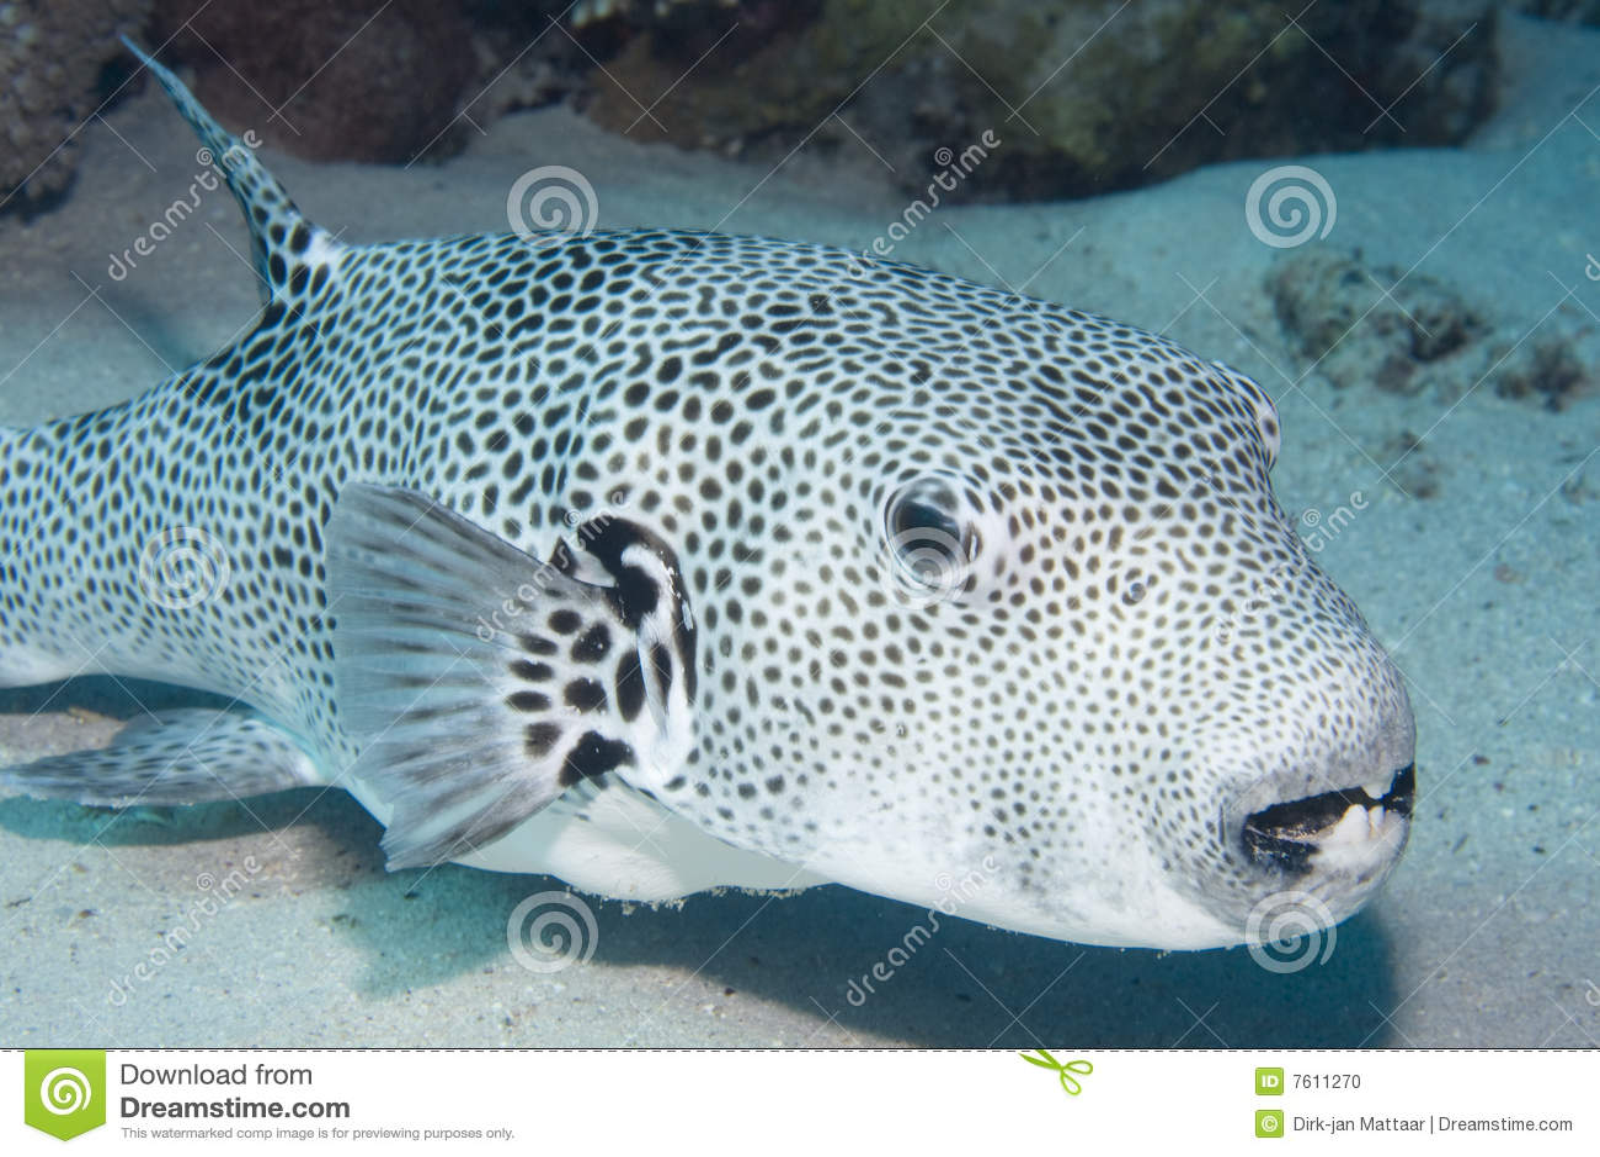 Pesce palla stellato fotografia stock immagine di sabbia for Pesce palla immagini